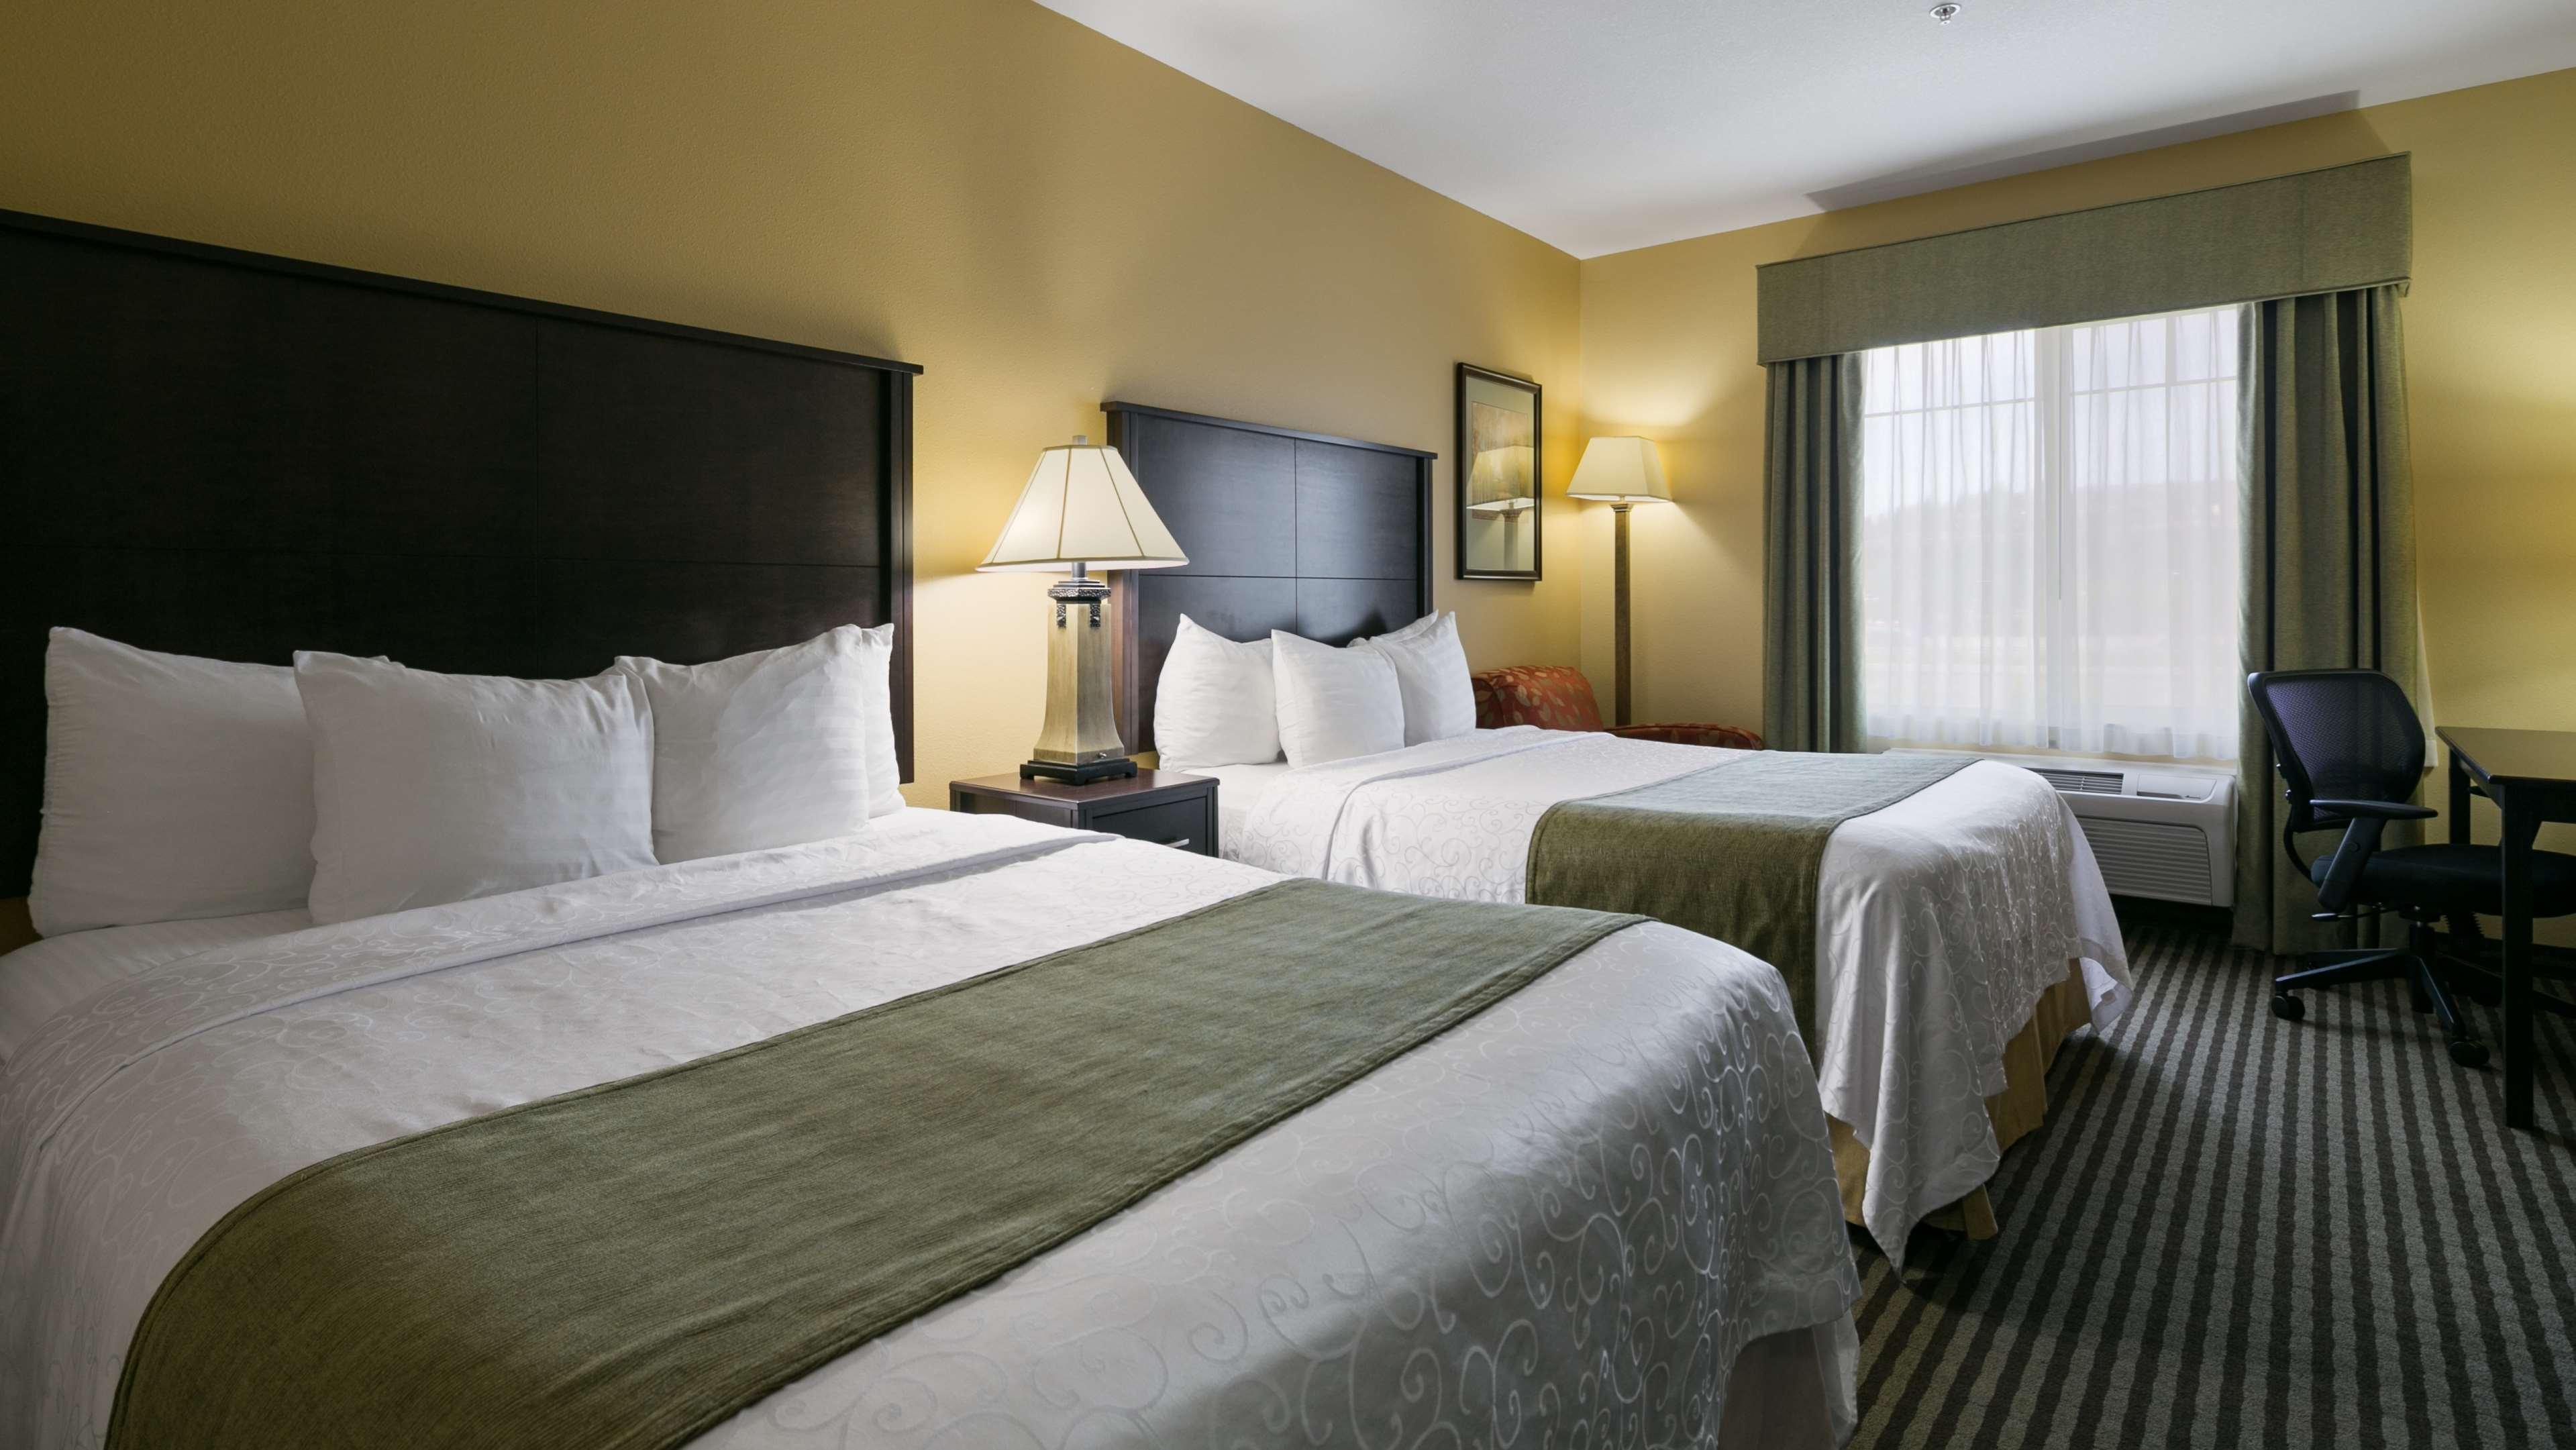 Best Western Plus Parkersville Inn & Suites image 19